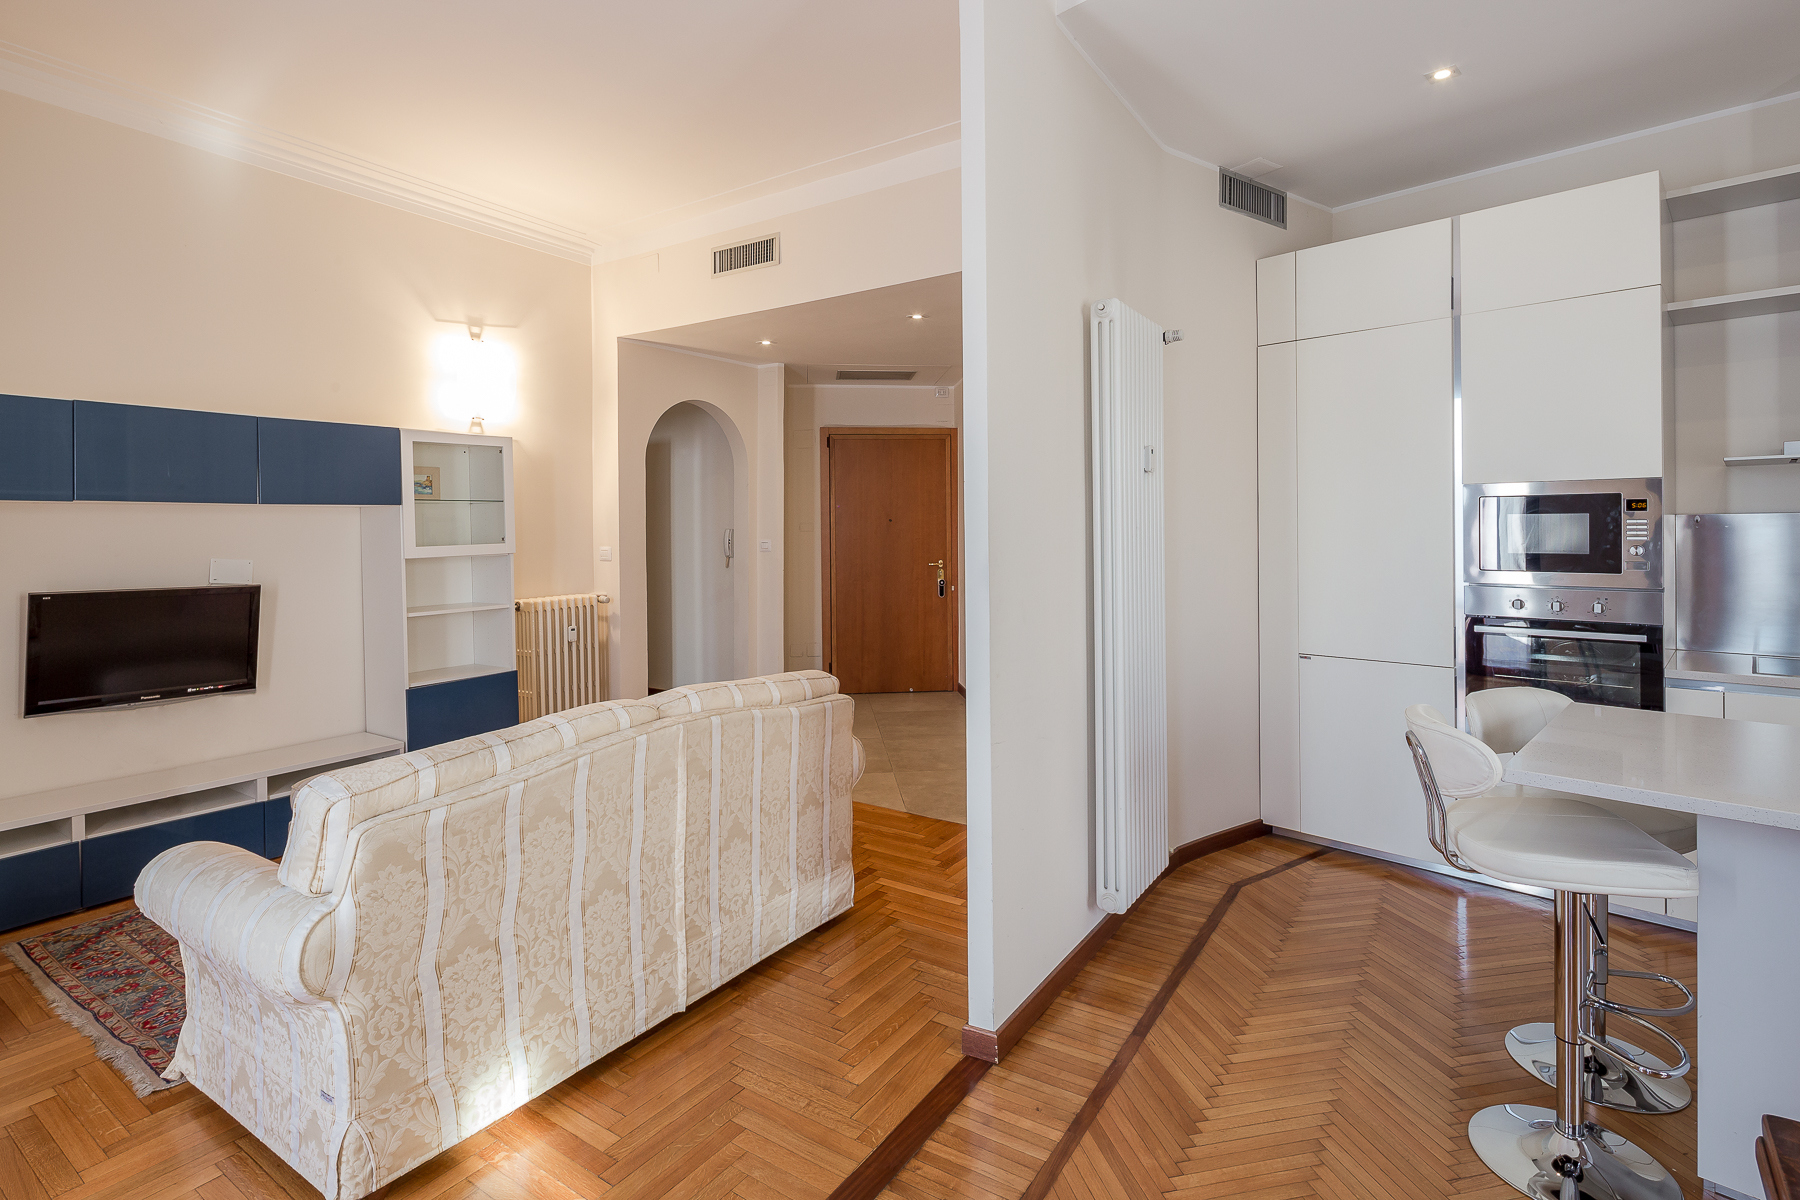 Appartamento in Vendita a Milano: 3 locali, 114 mq - Foto 8